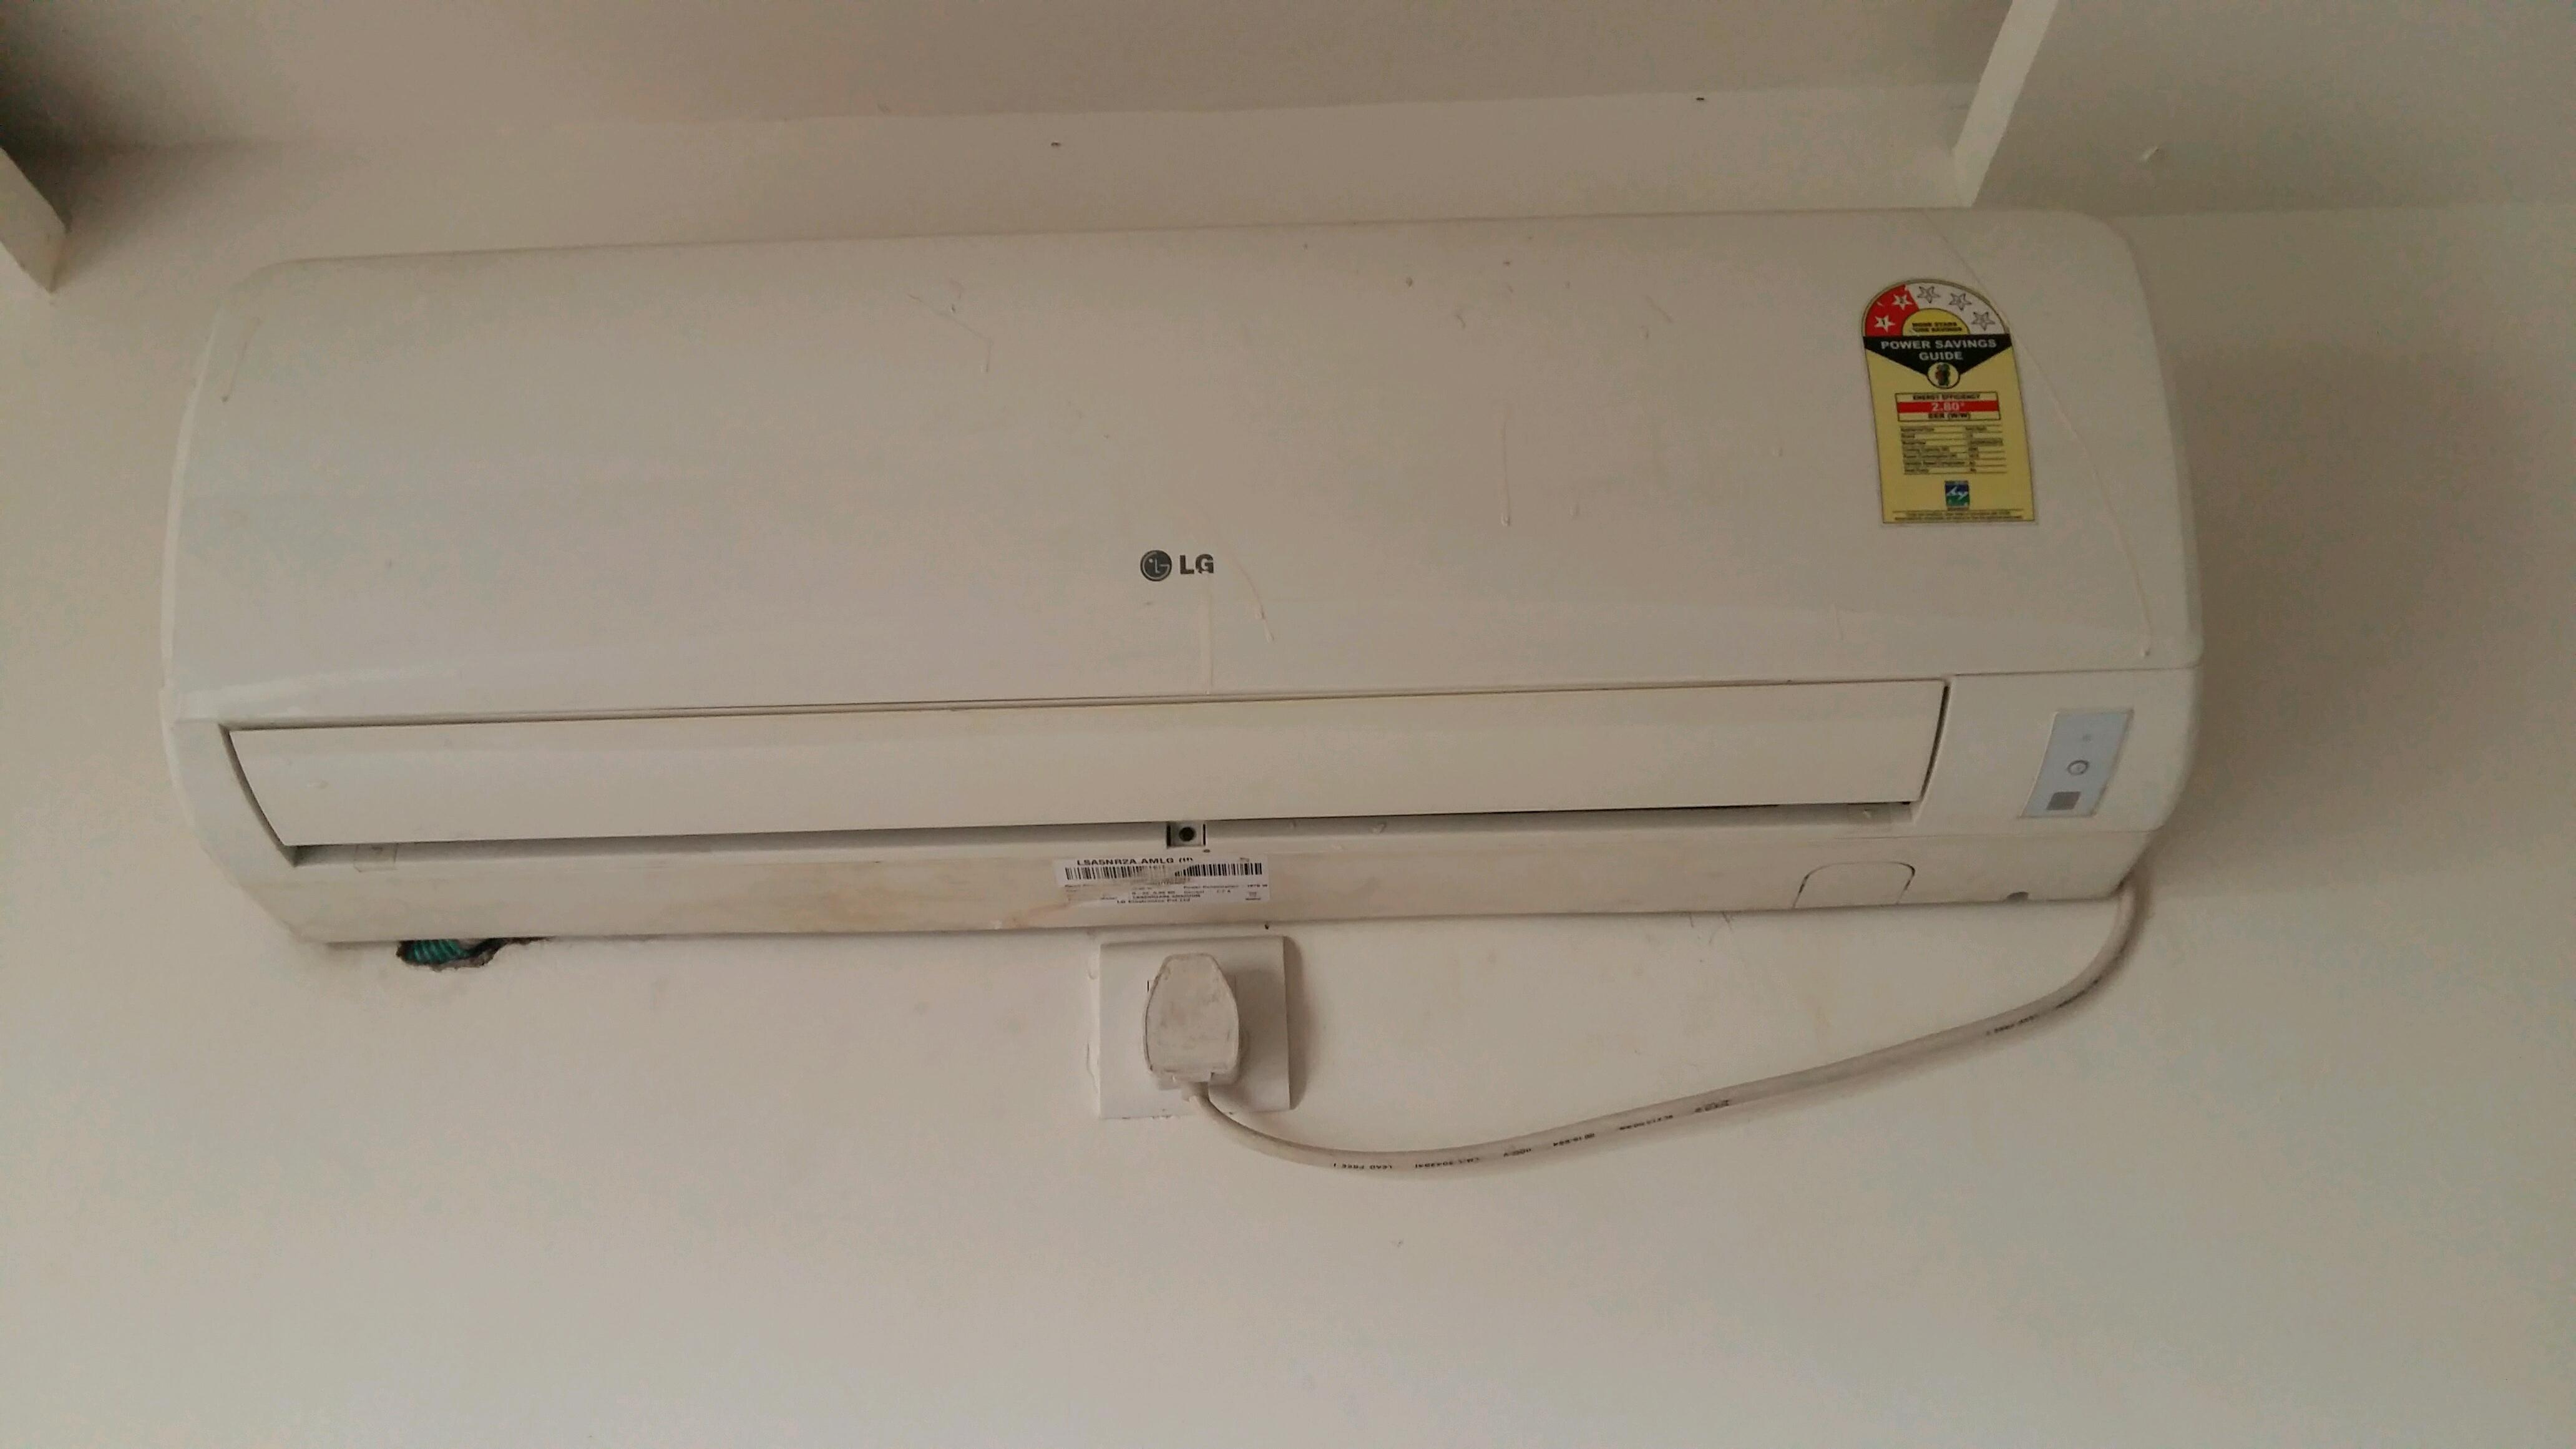 LG Split AC 1.5 Ton 925667494 6896814 1.jpg #604936